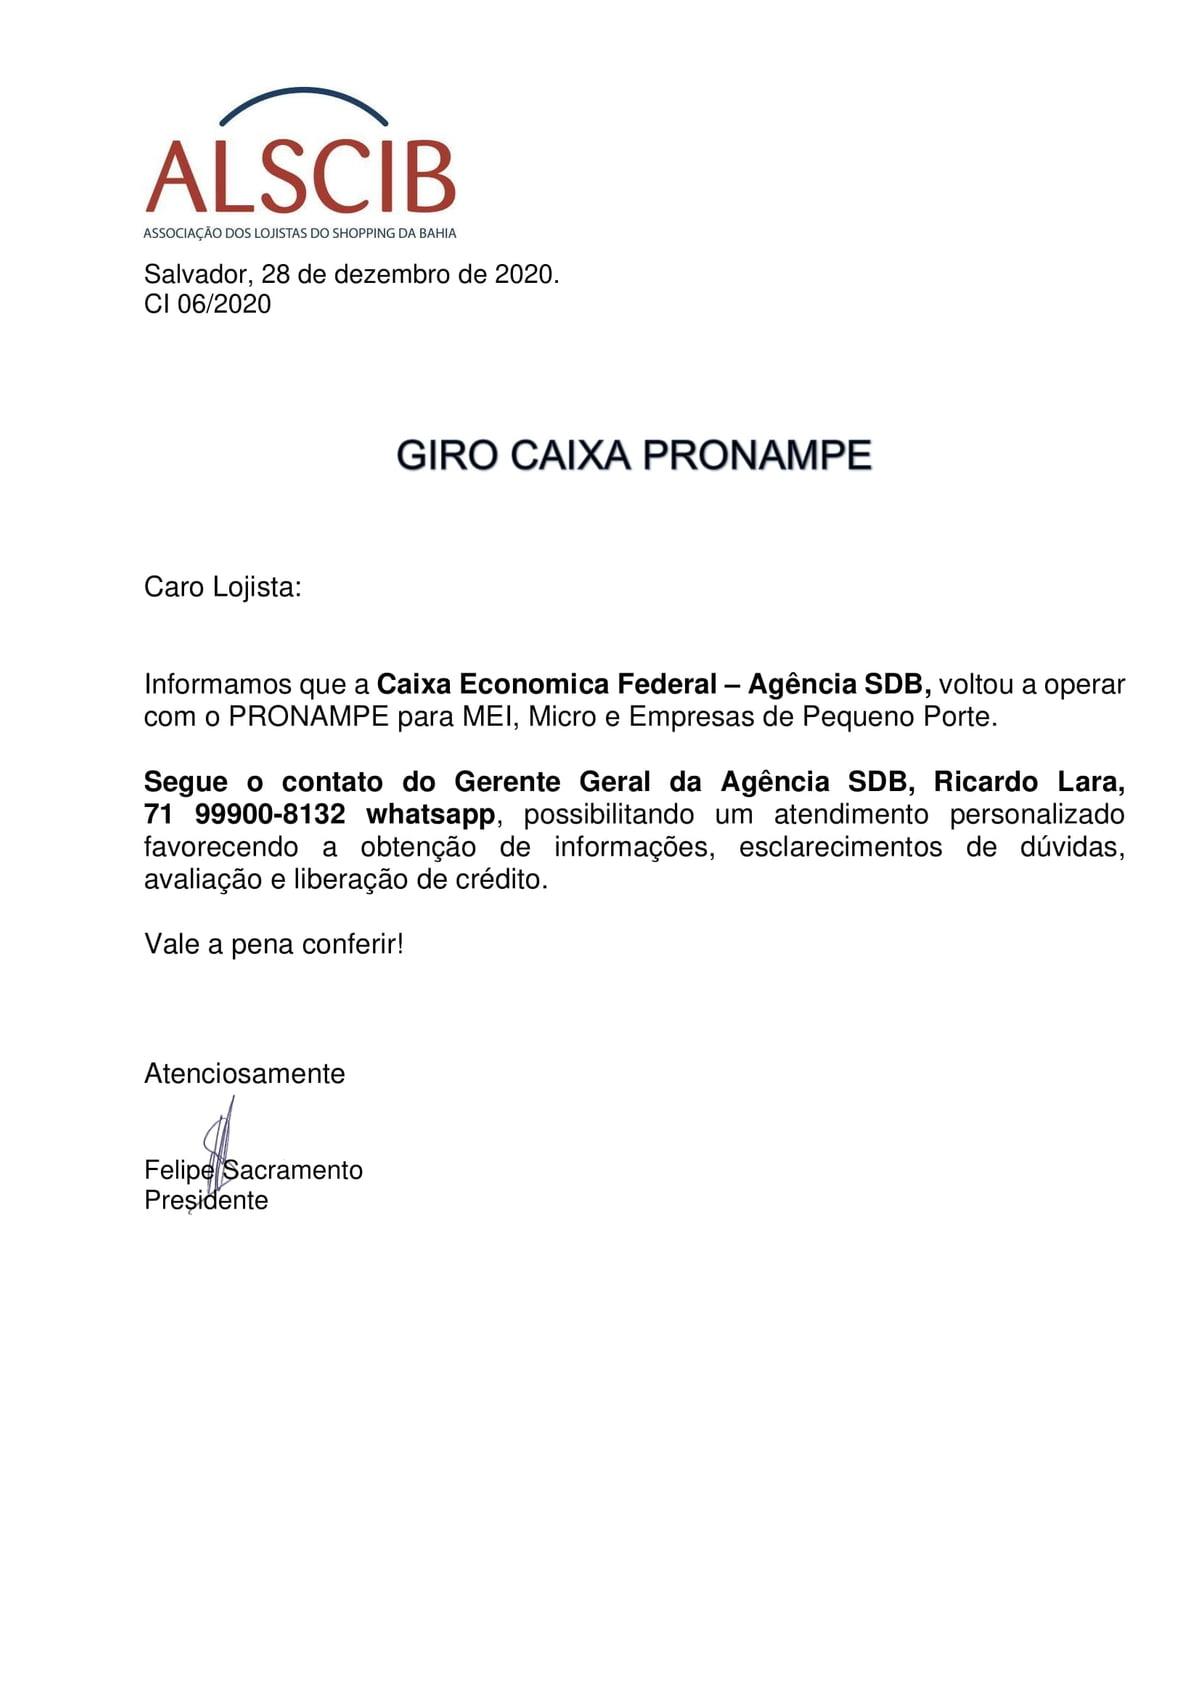 Giro Caixa Pronampe